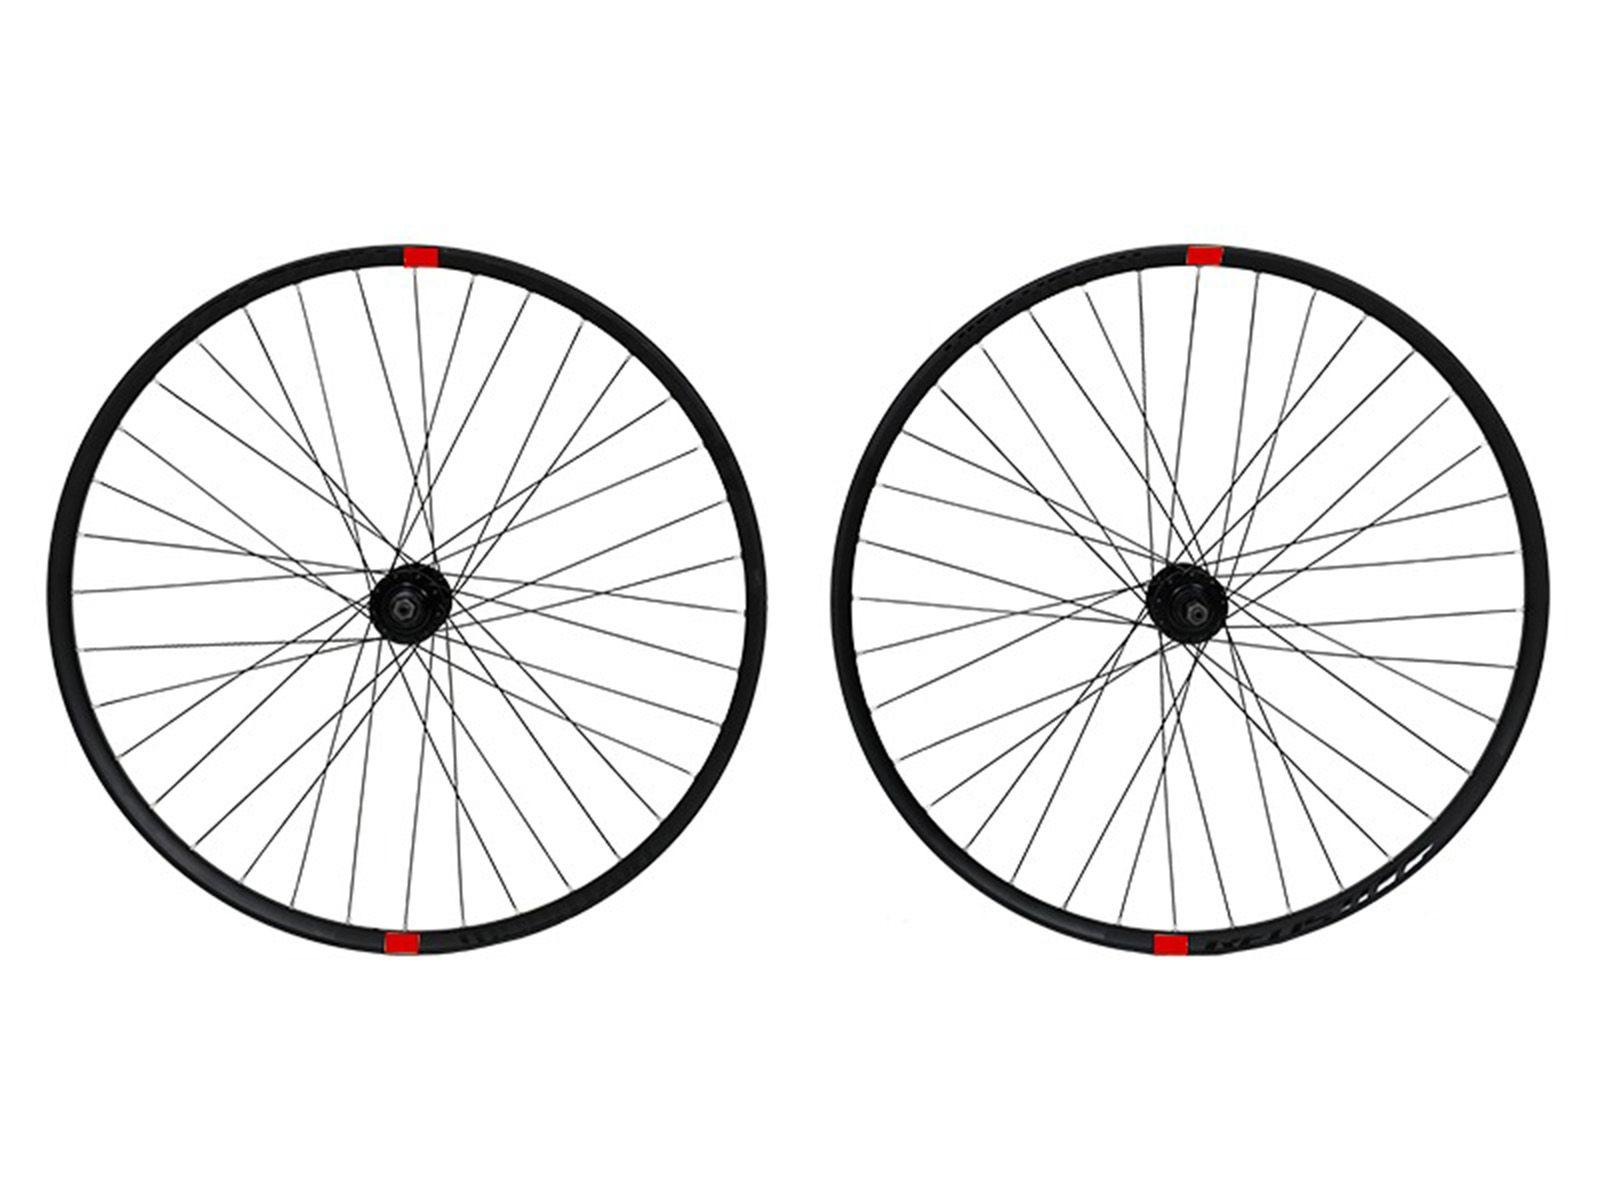 Roda 29 Montain Bike Extreme 36 Furos Disc Cubo Cassete - Redstone